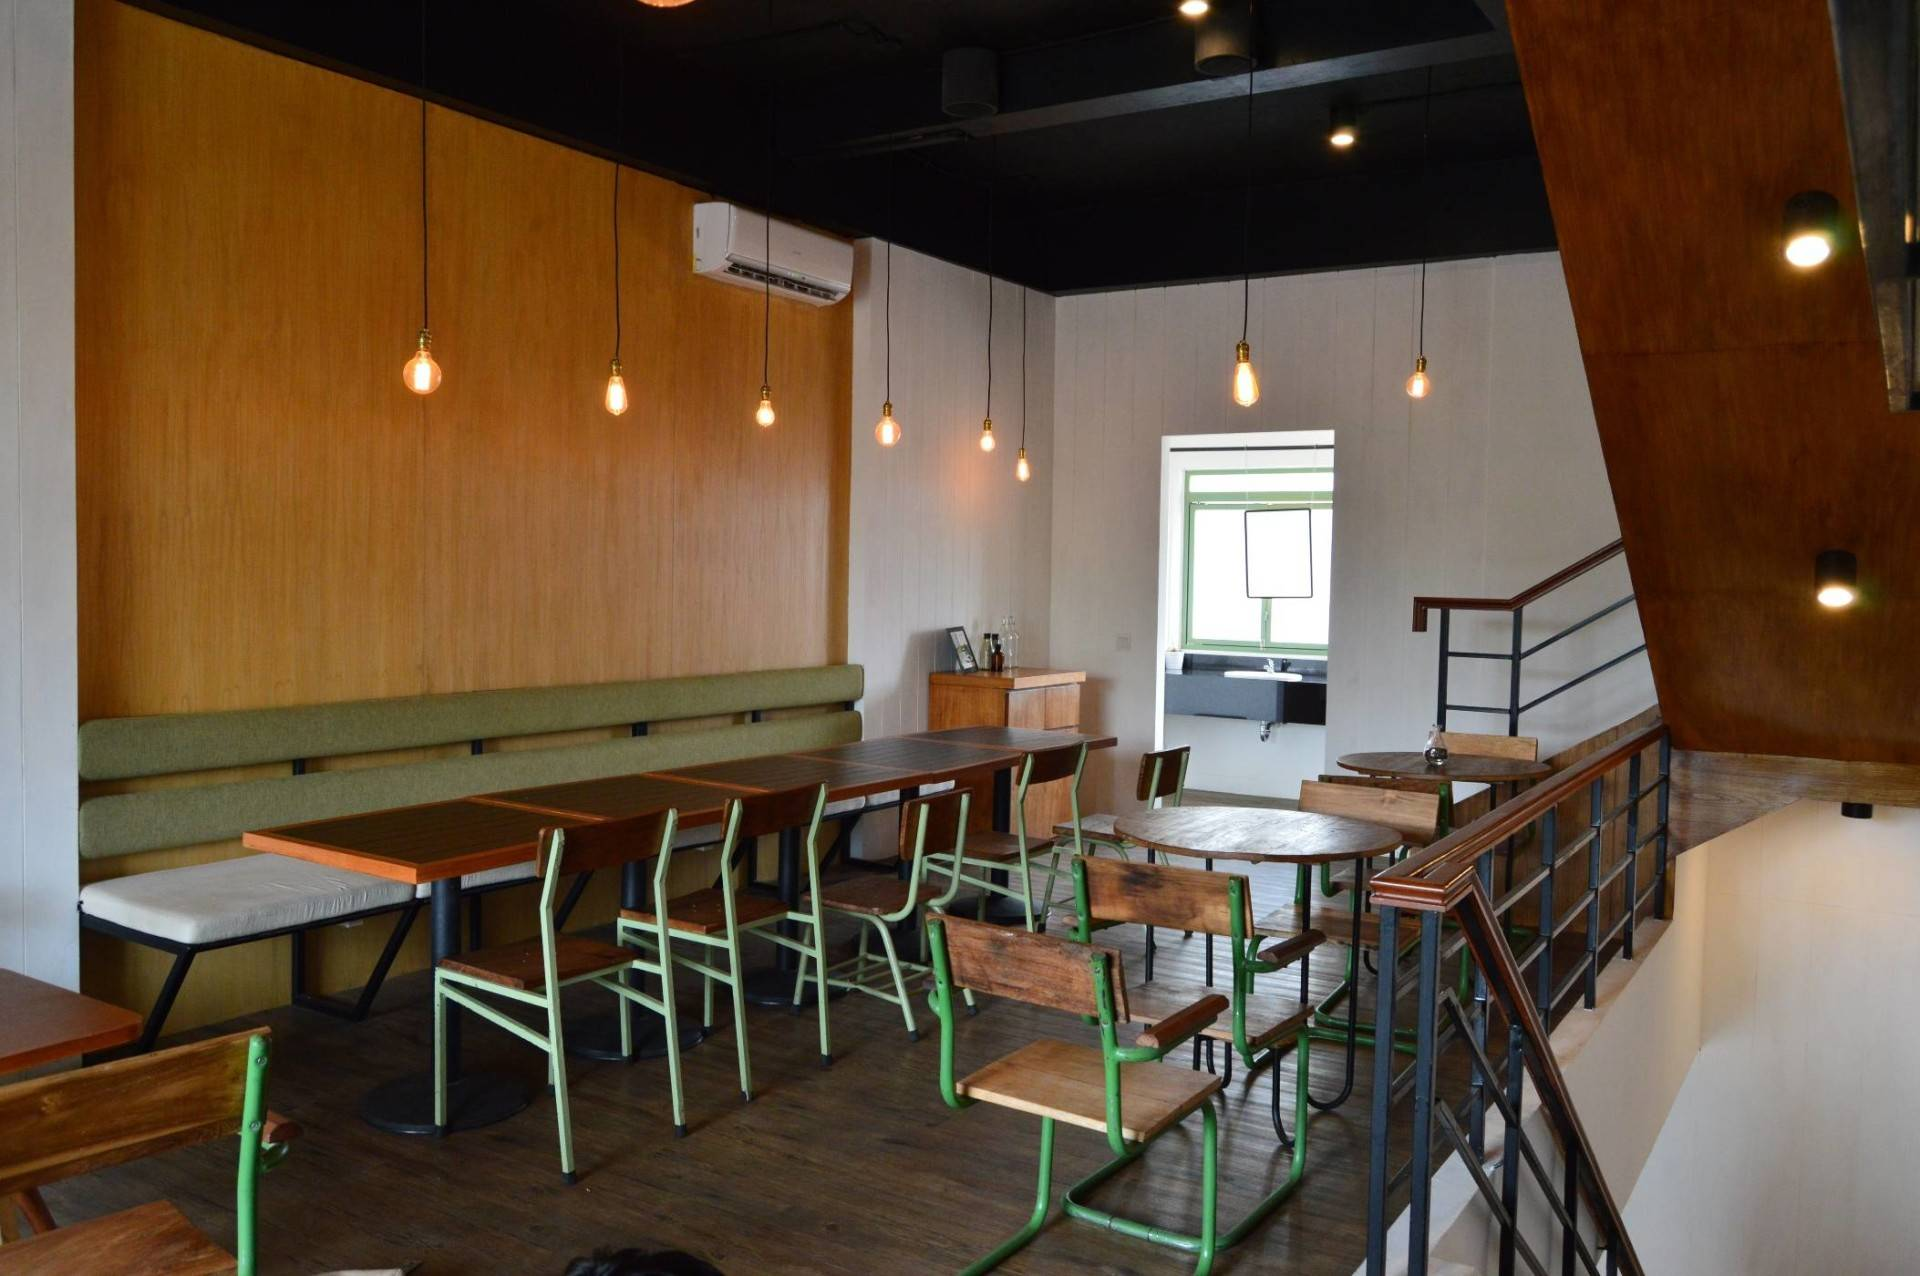 Pt Ergonomi Cipta Karya Voyage Coffee & Dessert Gading Serpong, Tangerang Gading Serpong, Tangerang Seating Area Minimalis  6982